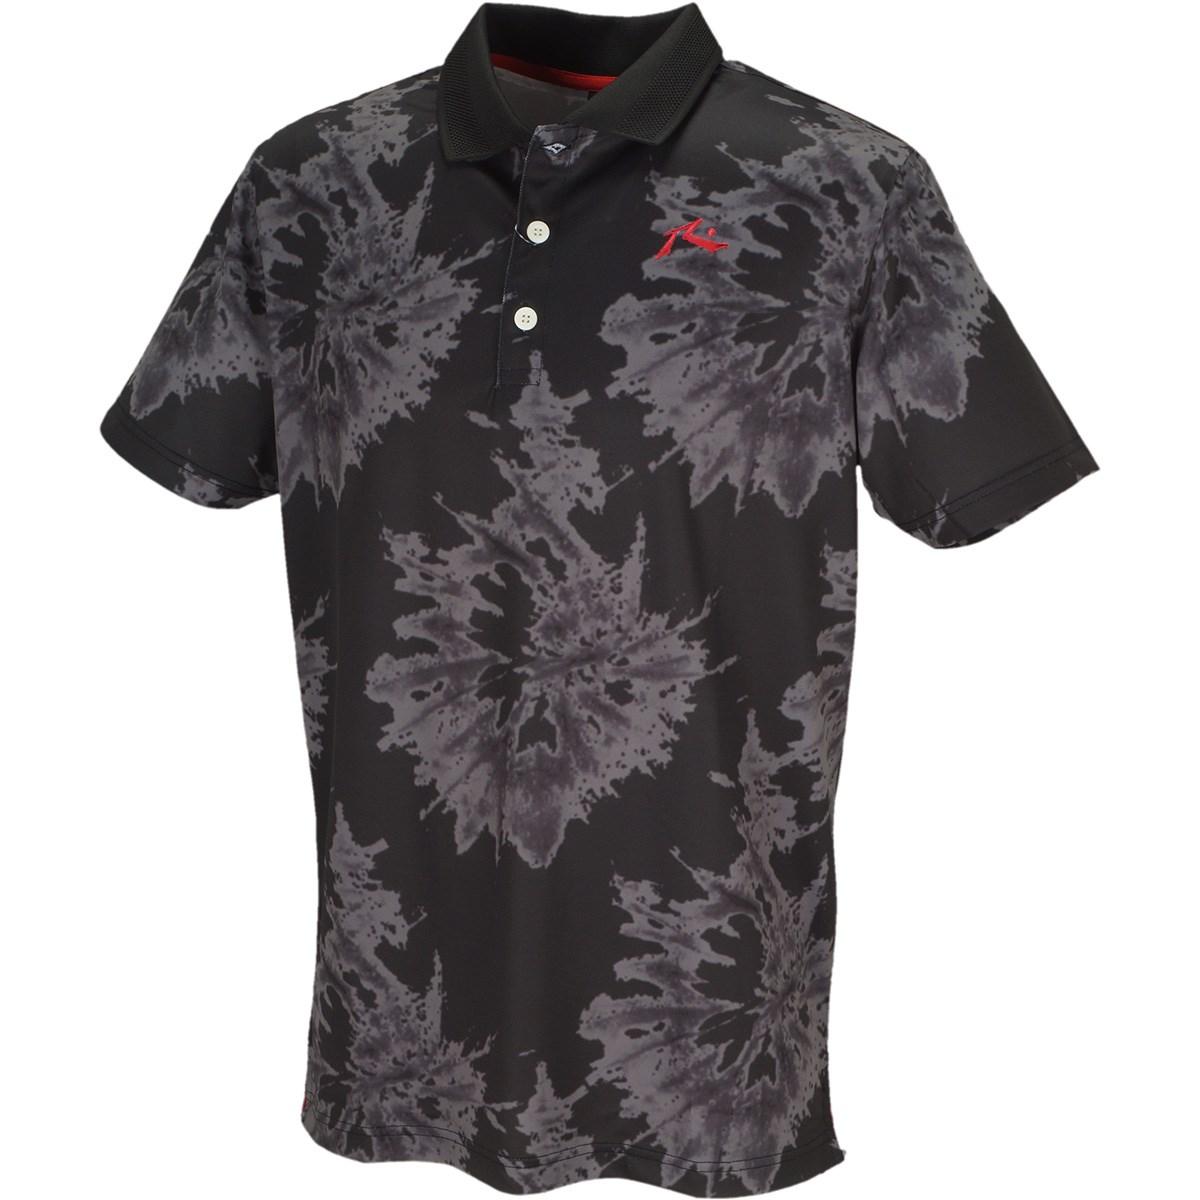 ラスティ RUSTY 半袖ポロシャツ M ブラック